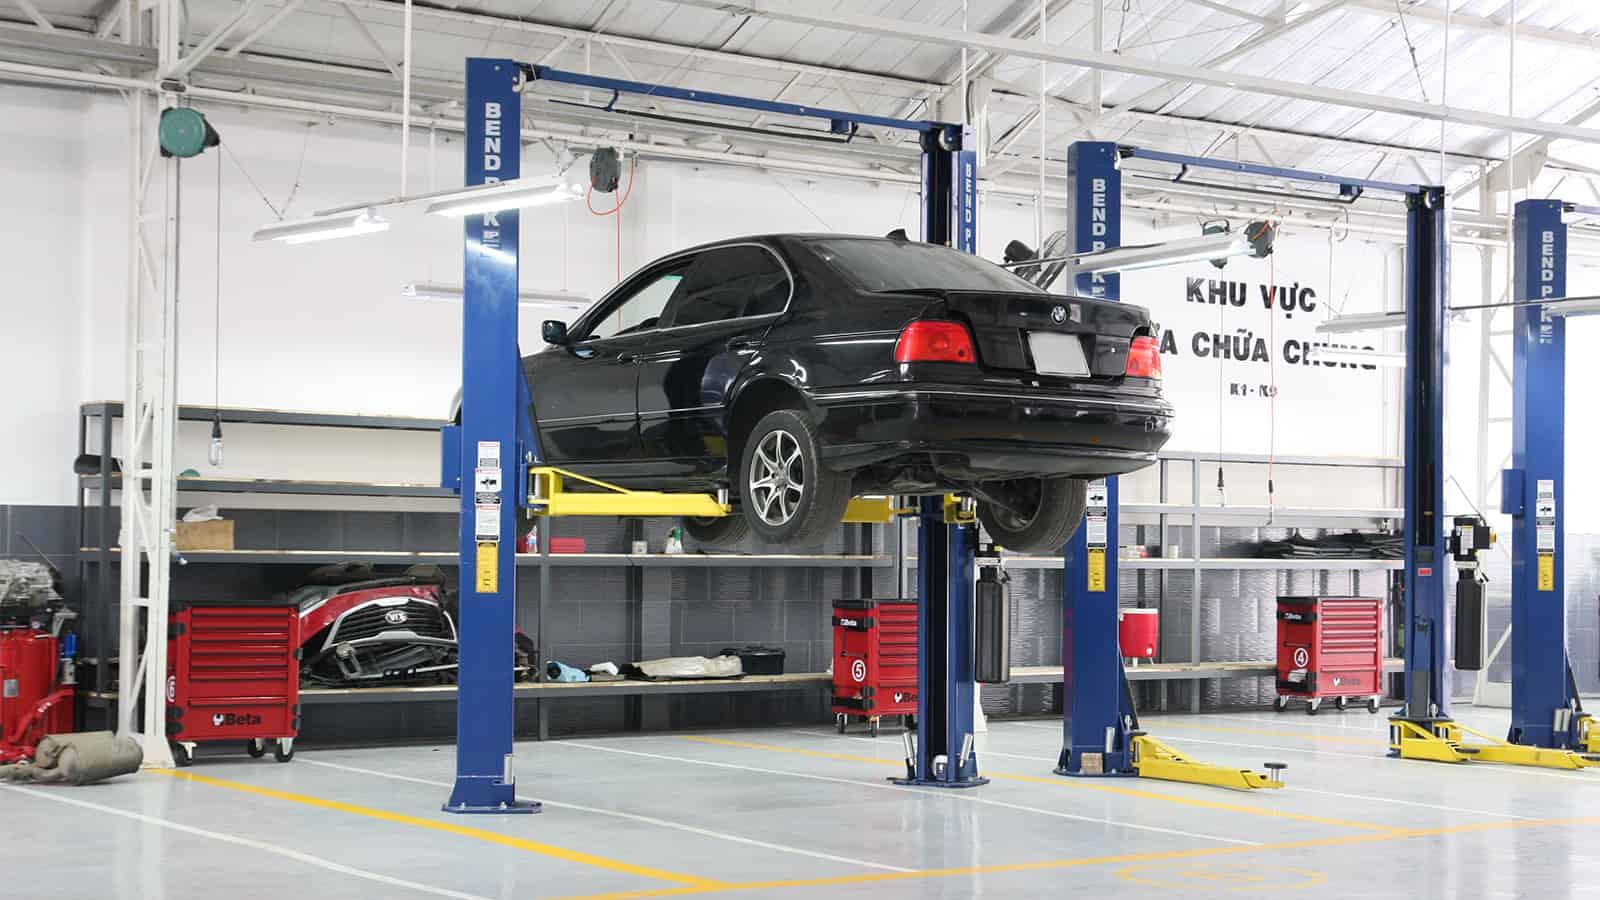 Hãy đến với garage uy tín để được nhân viên kỹ thuật tiến hành kiểm tra và sửa chữa cần ăng-ten xe ô tô